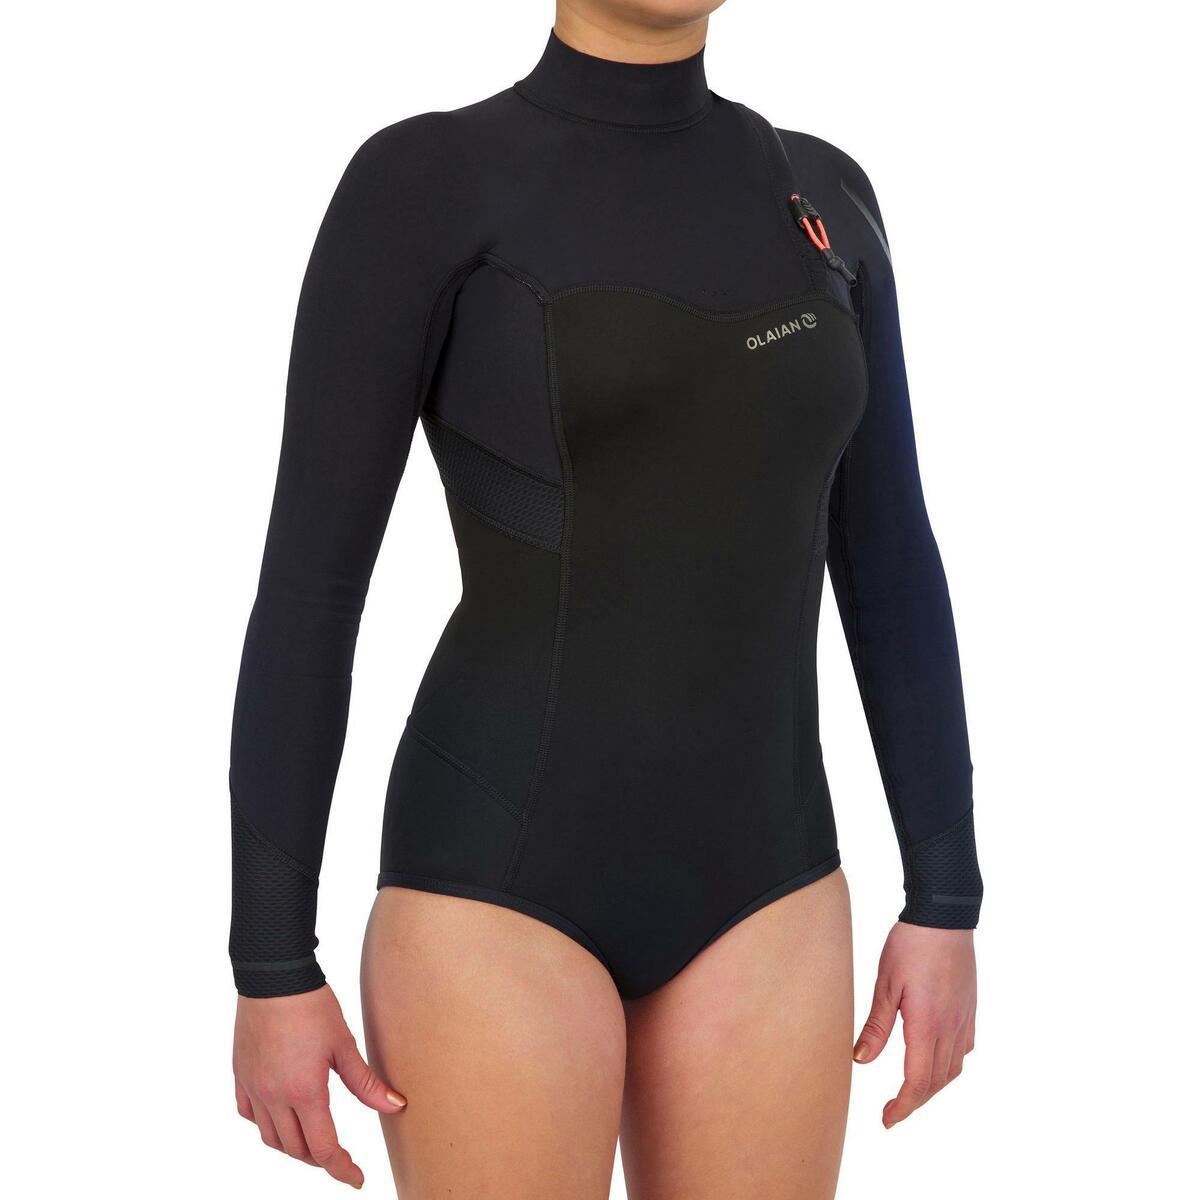 Bild 3 von Neoprenshorty Langarm Surfen 900LS ohne Reißverschluss Damen schwarz